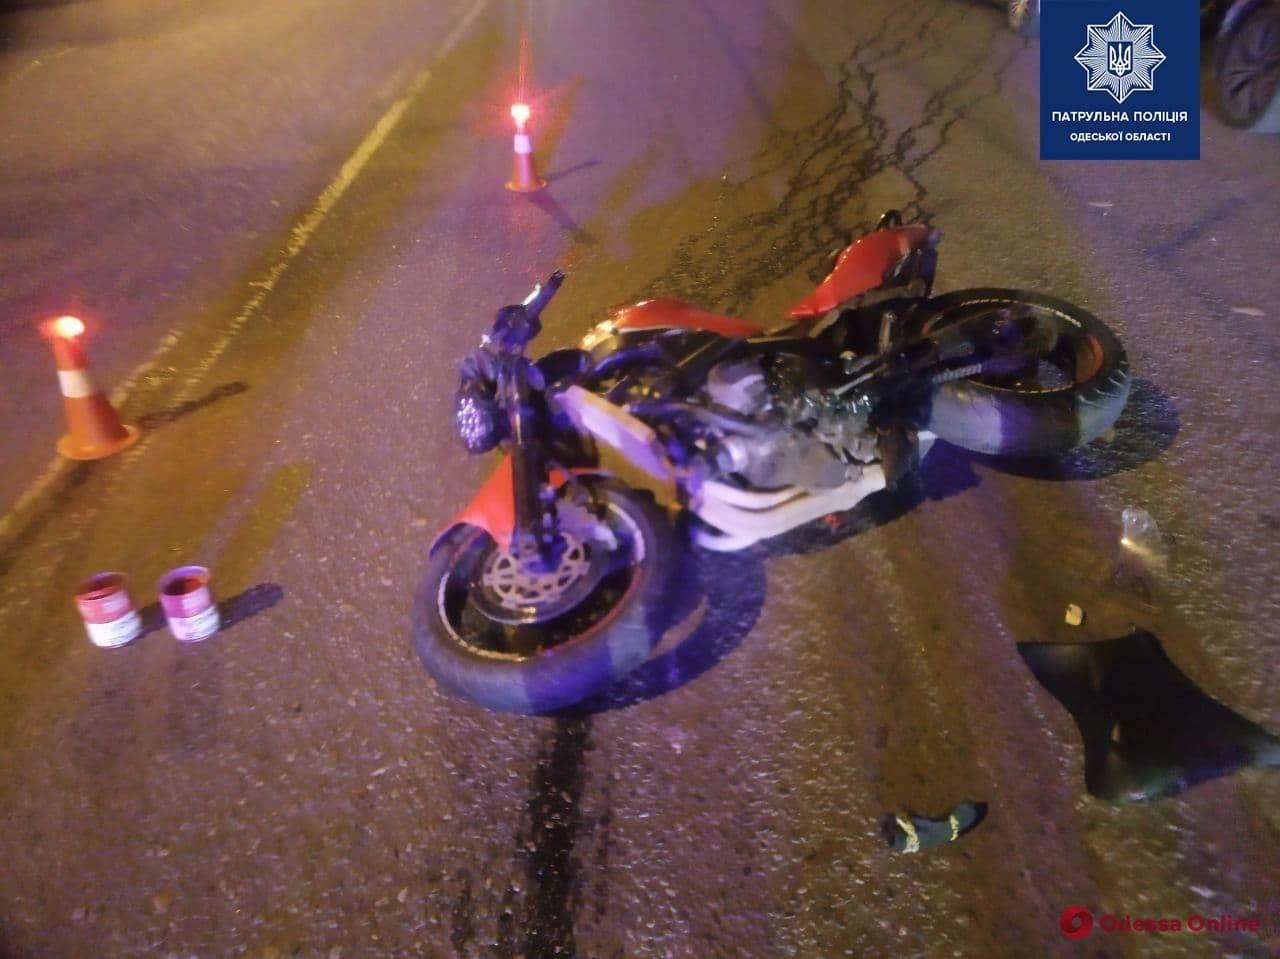 В центре Одессы мотоциклист сбил пешехода